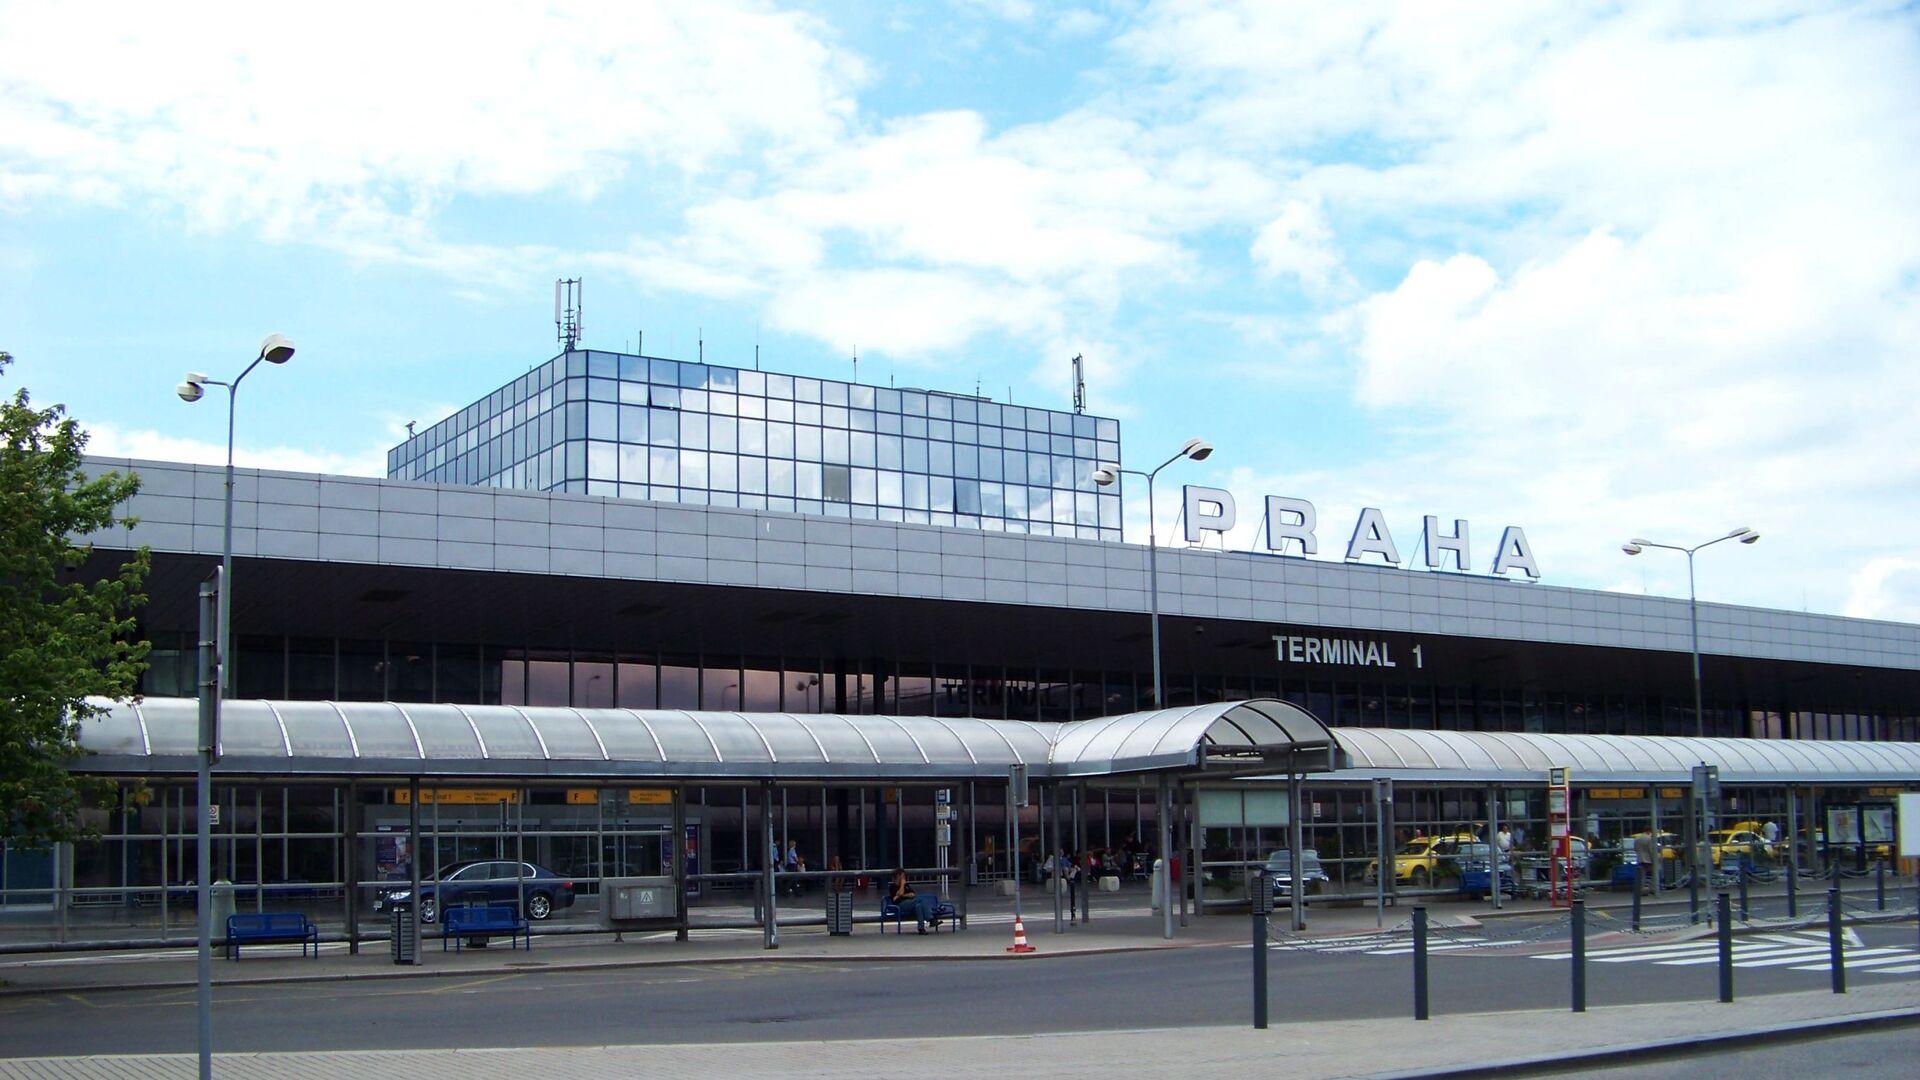 Letiště Václava Havla v Praze - Sputnik Česká republika, 1920, 29.05.2021